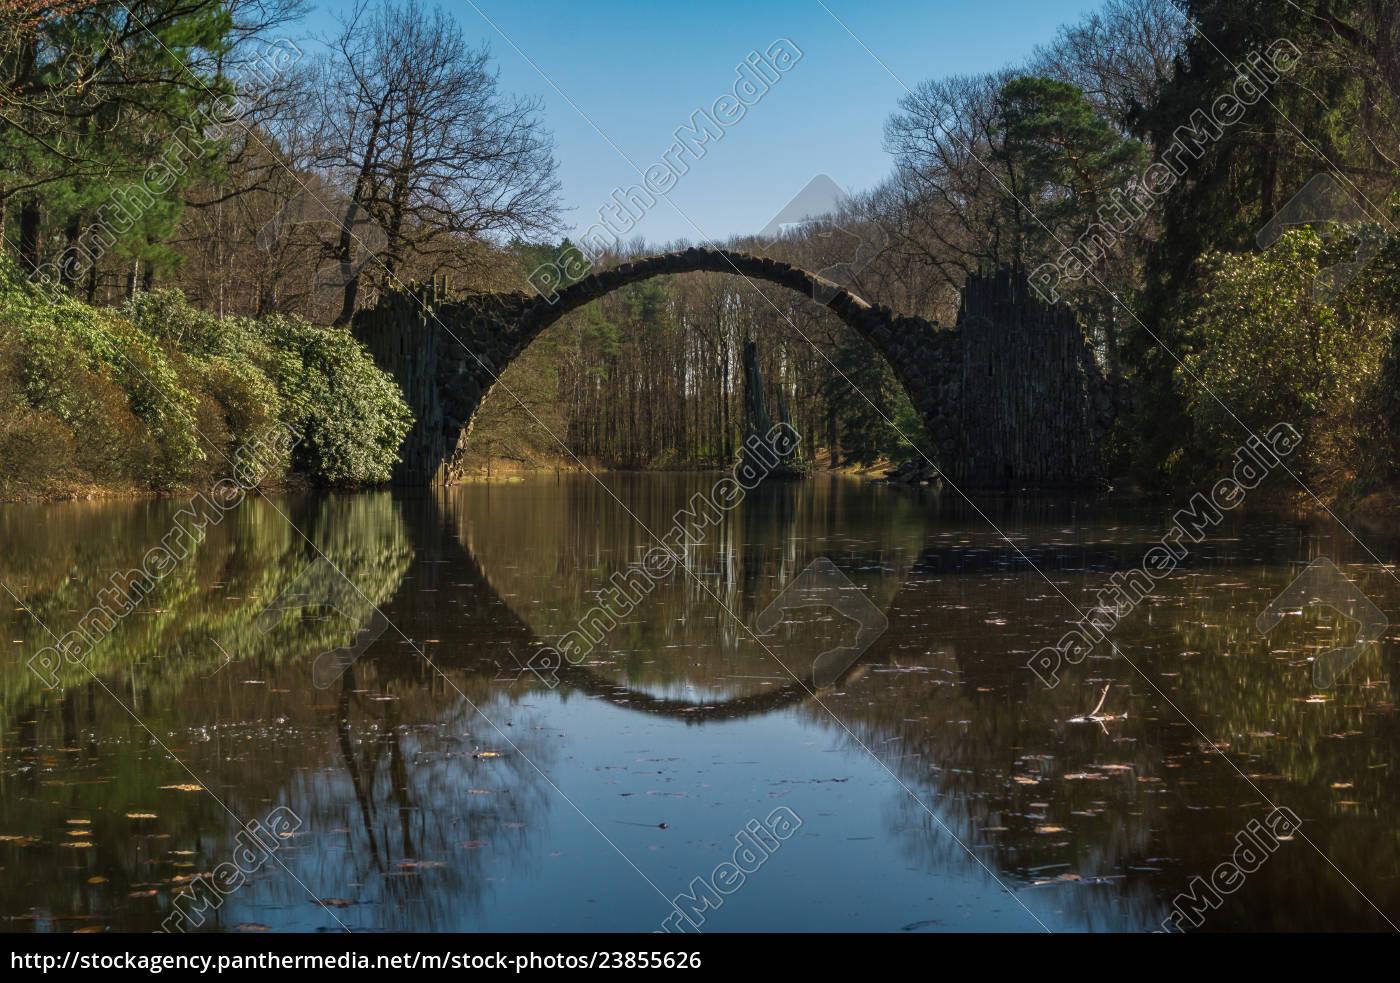 rakotzbrücke, , kromlau, , sachsen, , deutschland - 23855626